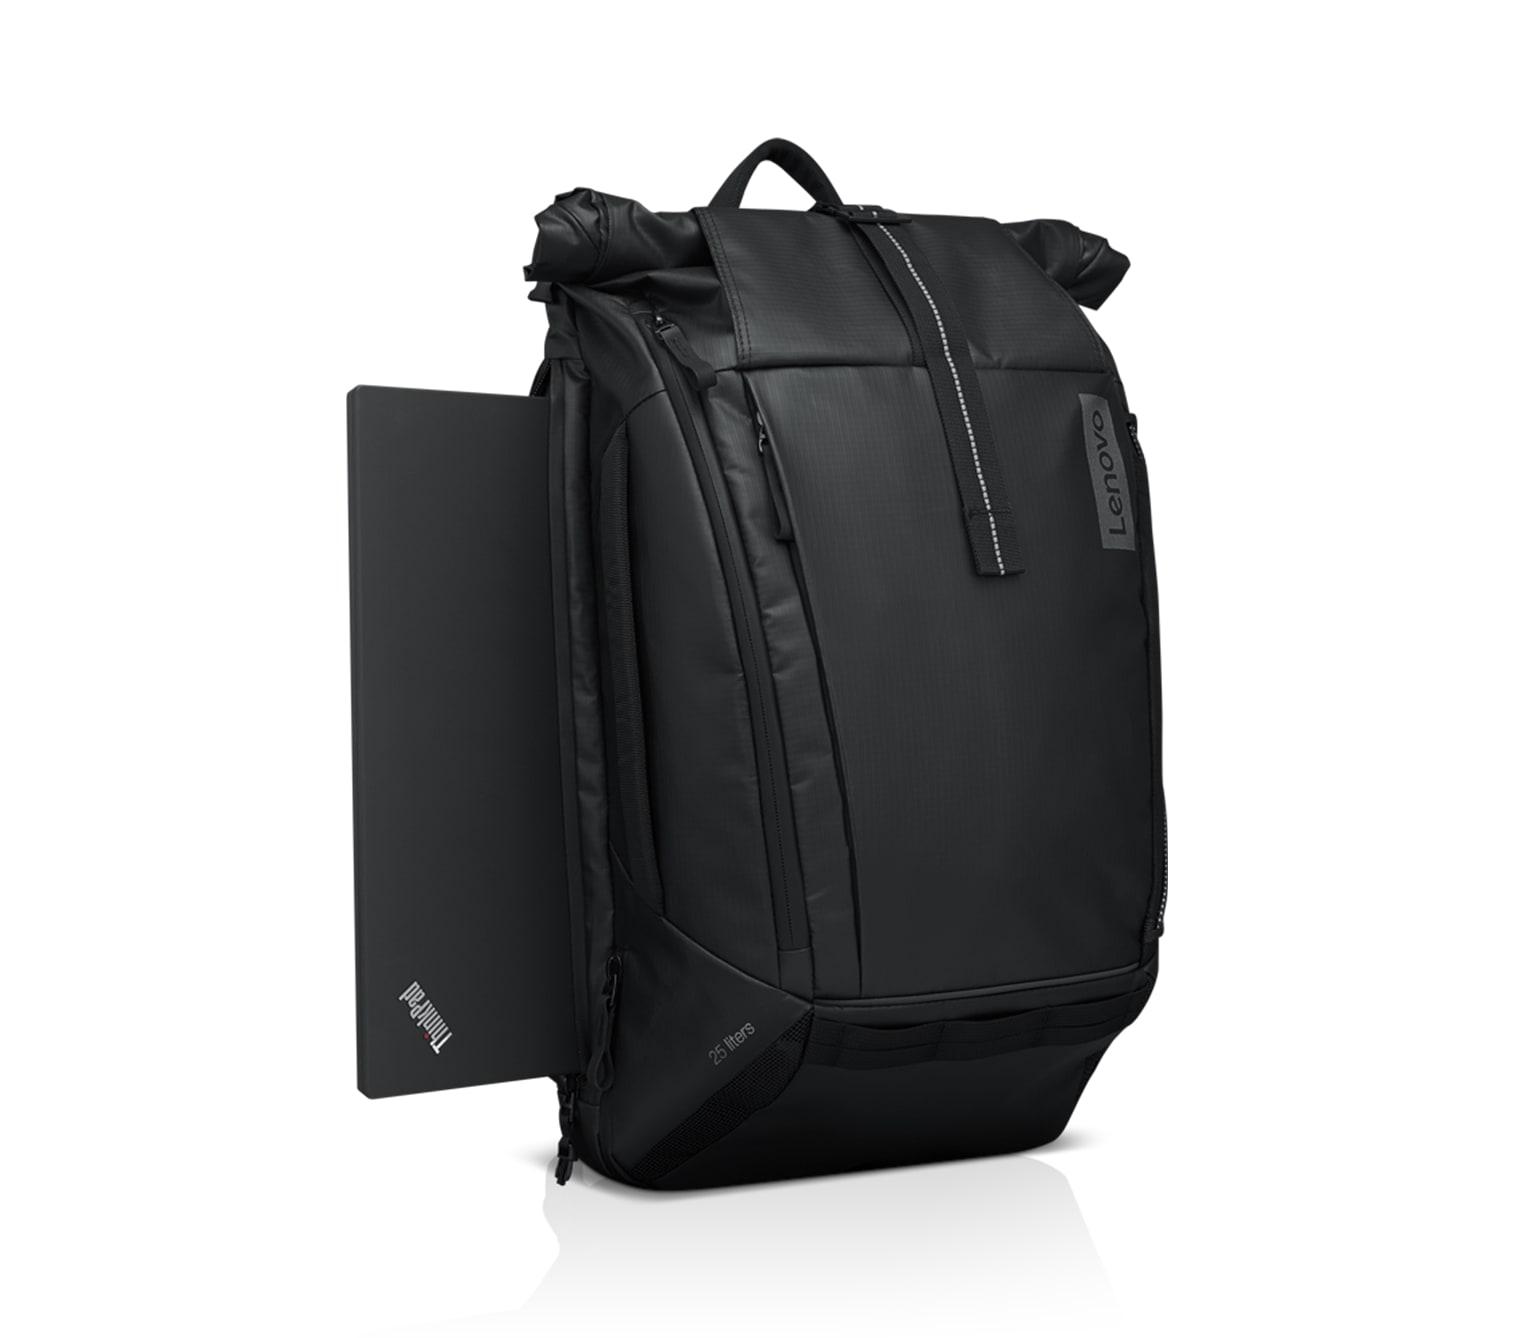 commuter-backpack world's thinnest speaker